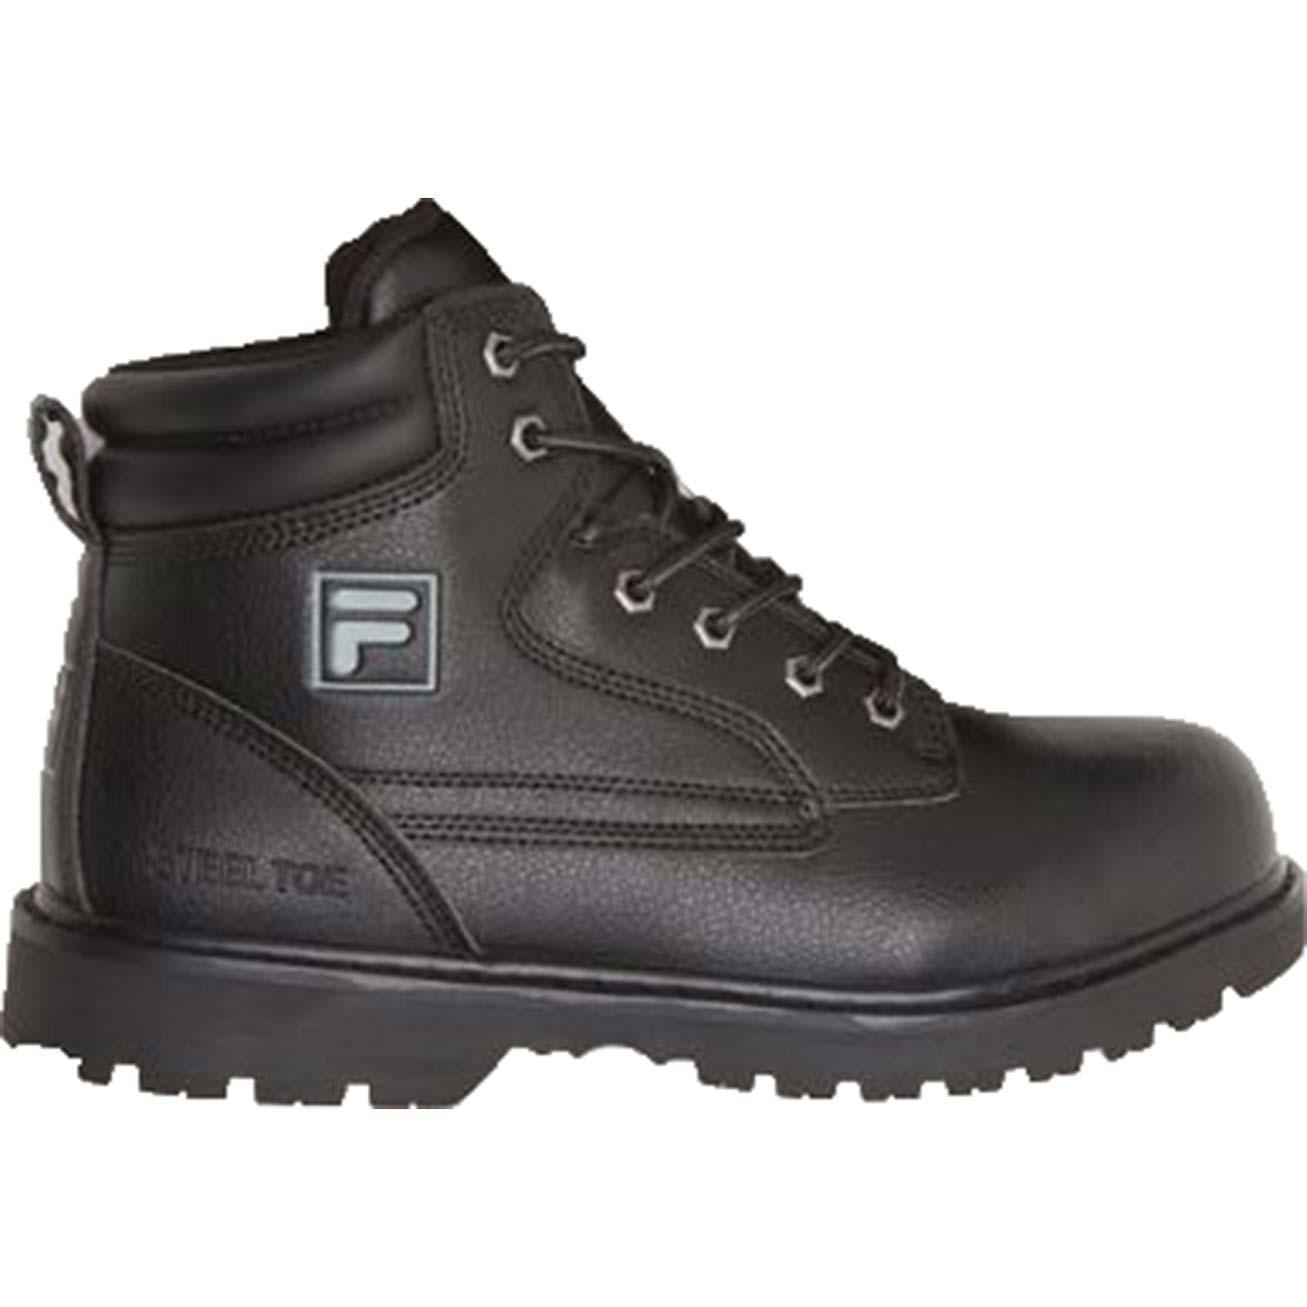 a02670e4 Fila Landing Steel Toe Work Boot